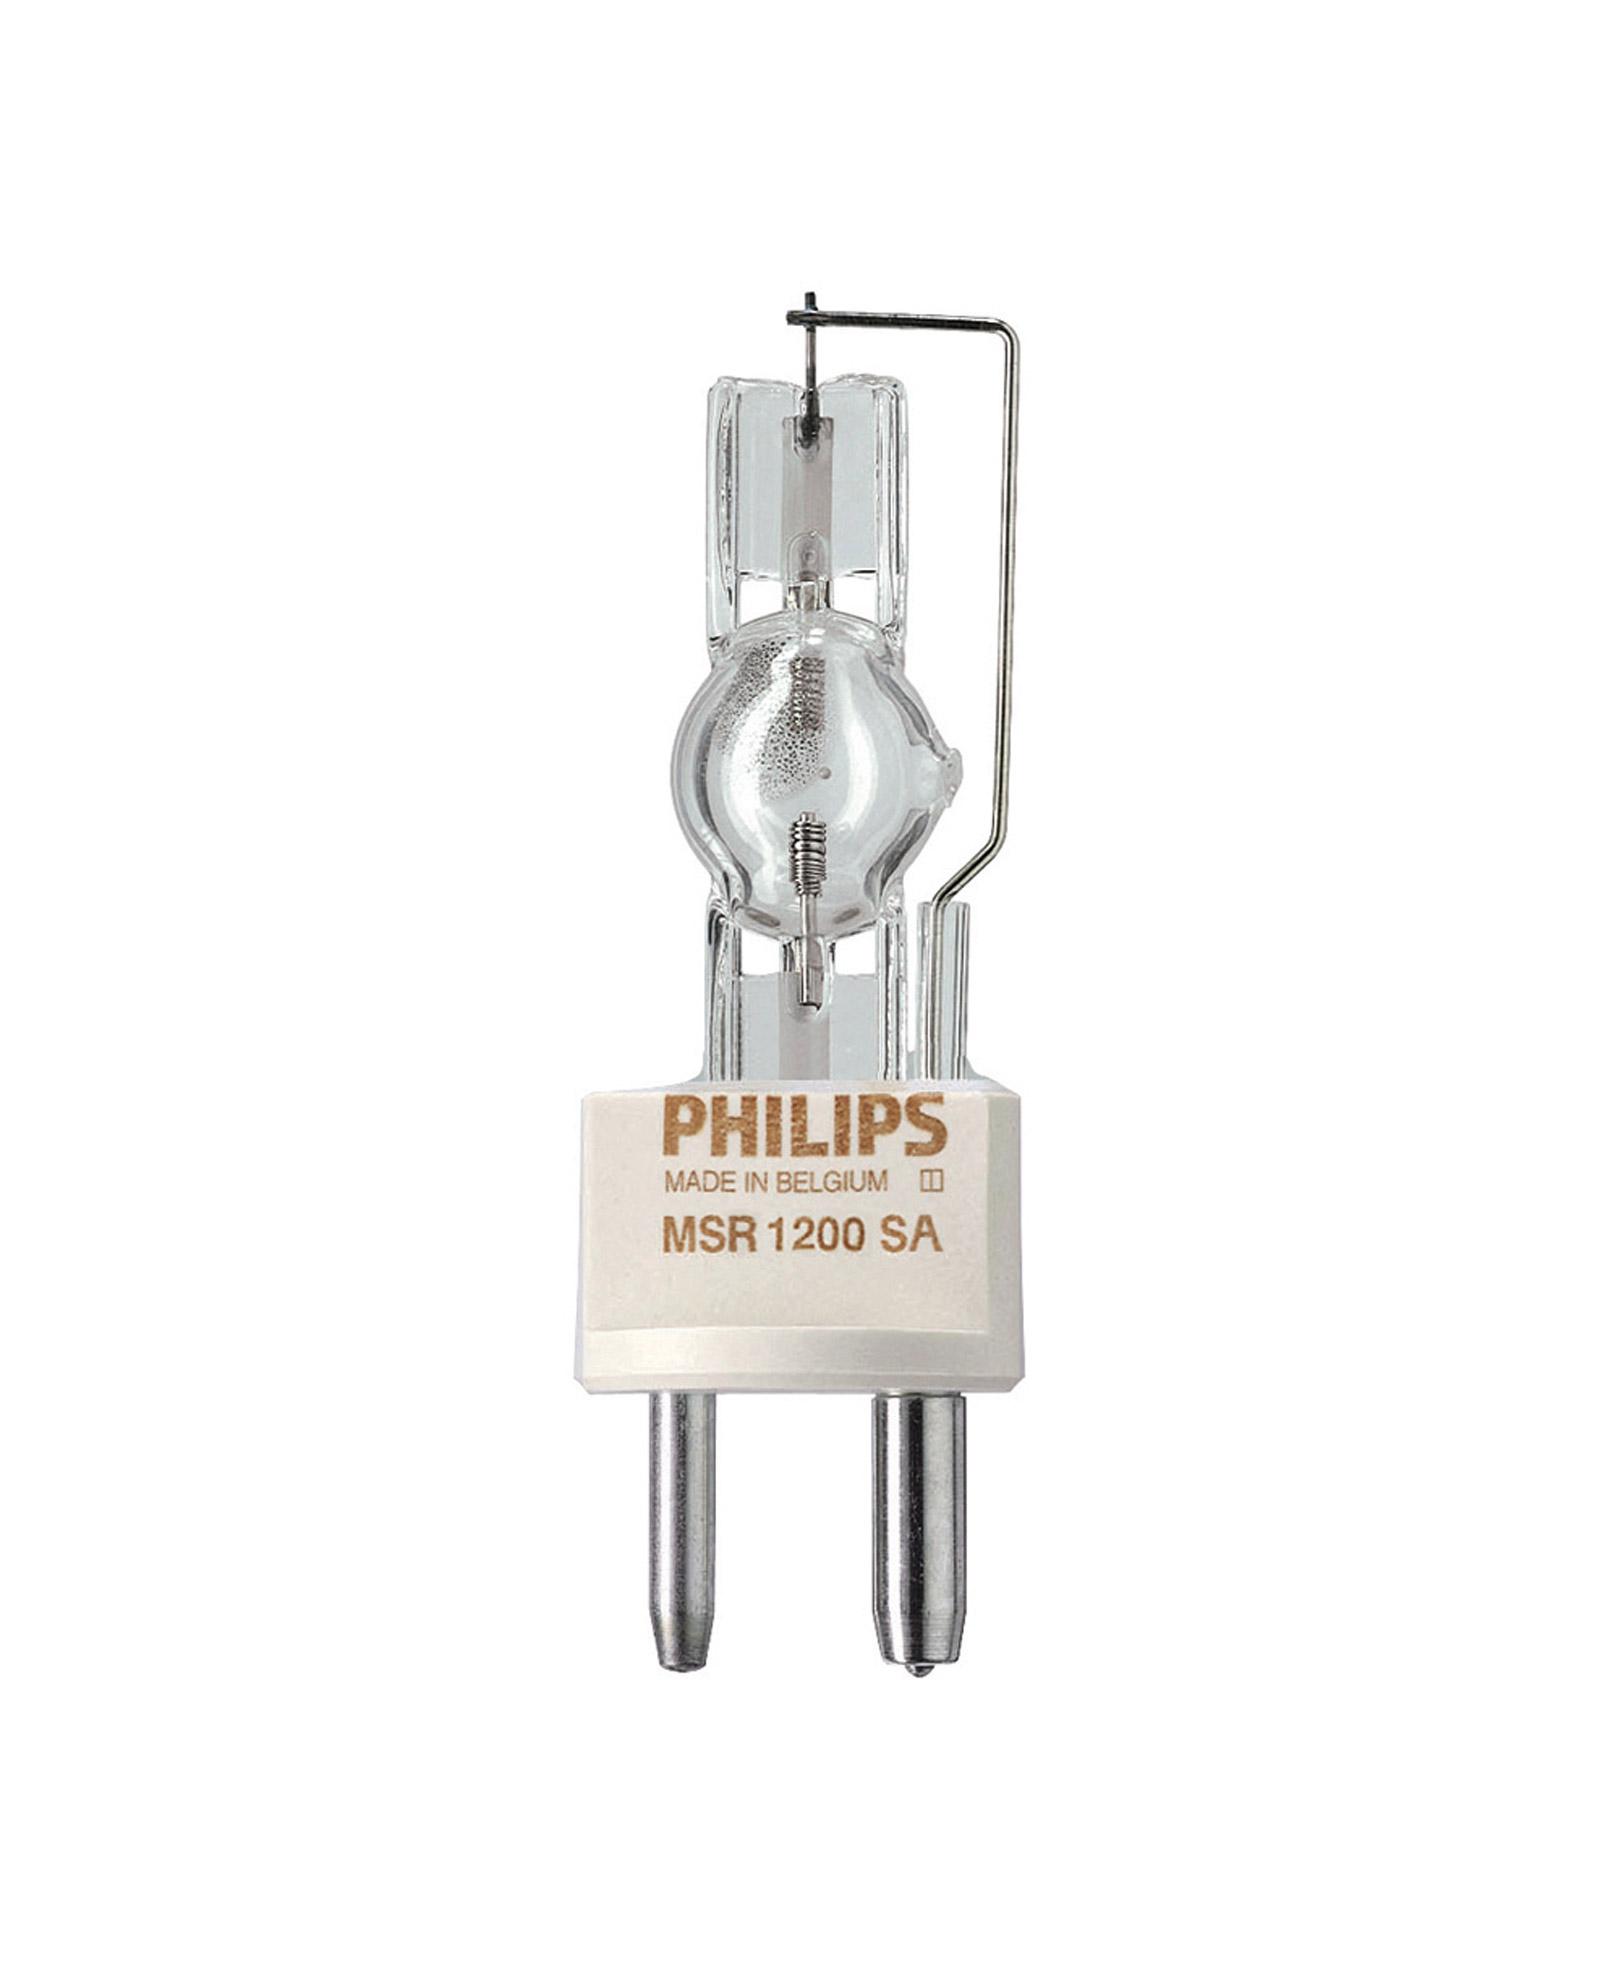 Philips Msr 1200 Sa S E Gy22